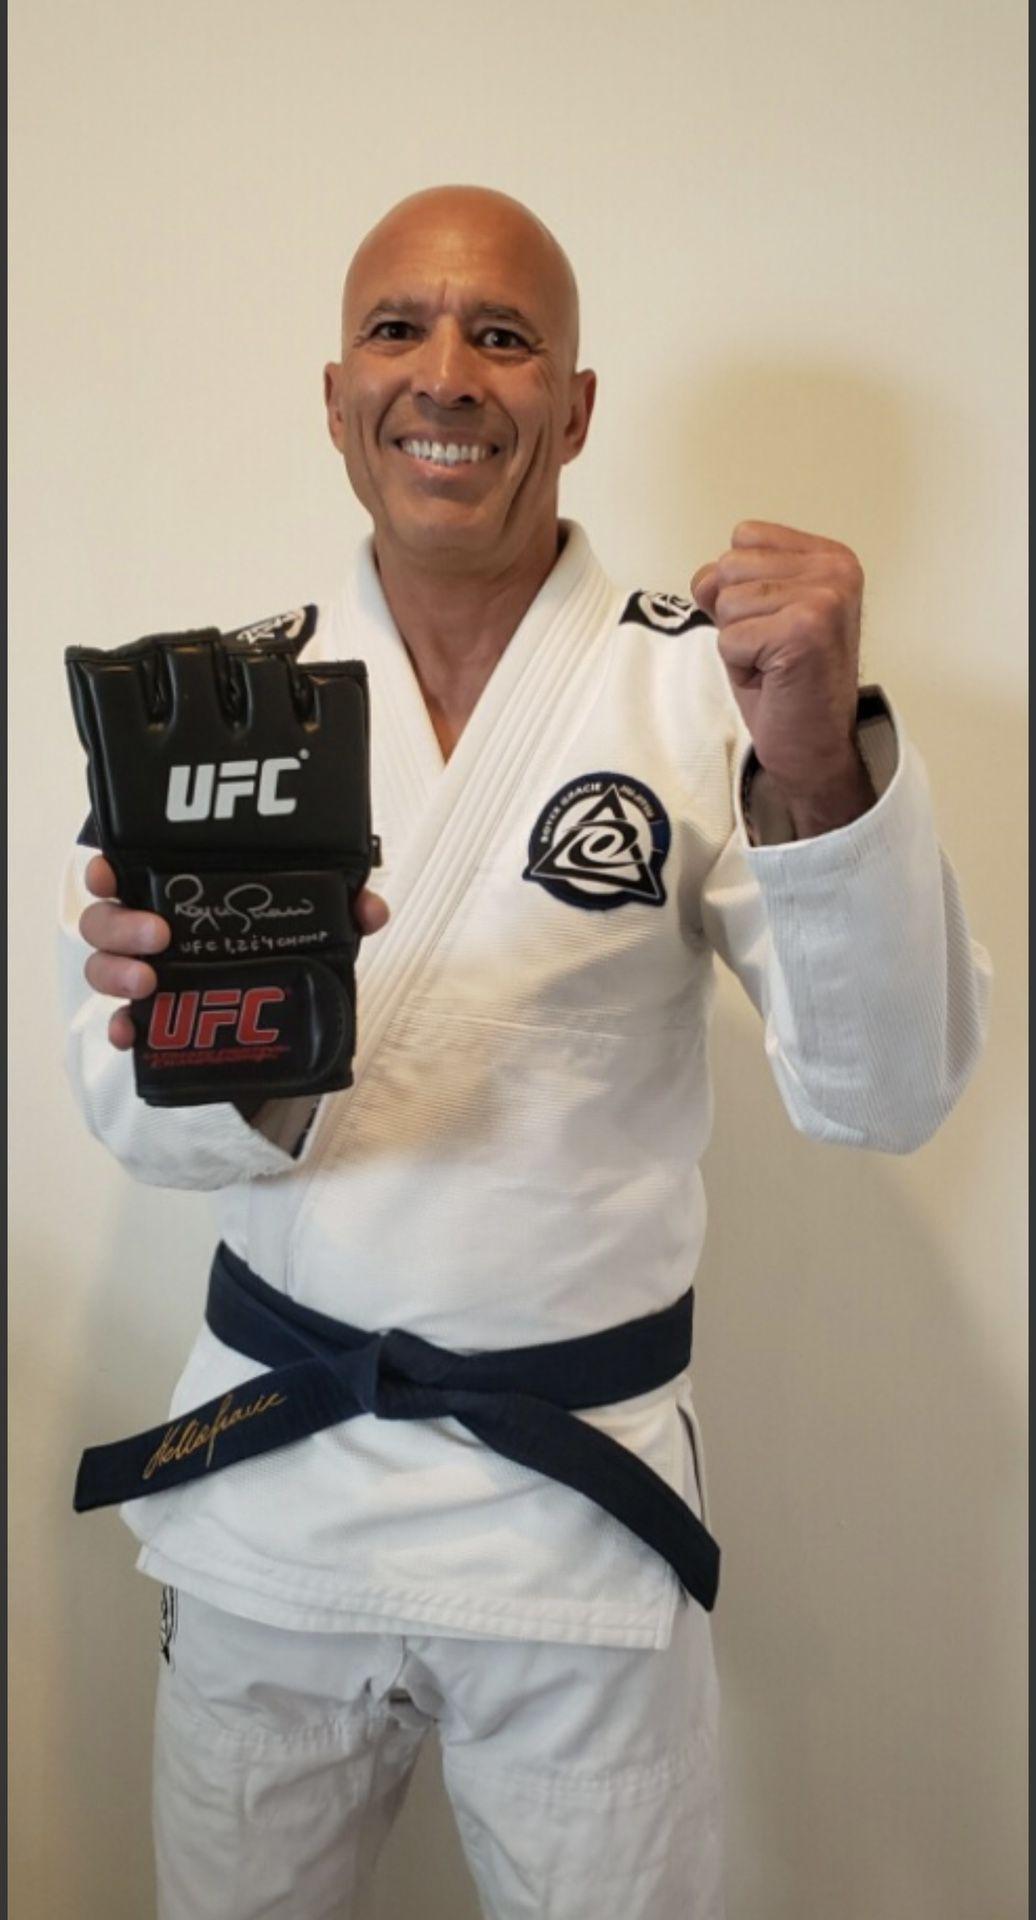 Royce Gracie UFC auto Glove